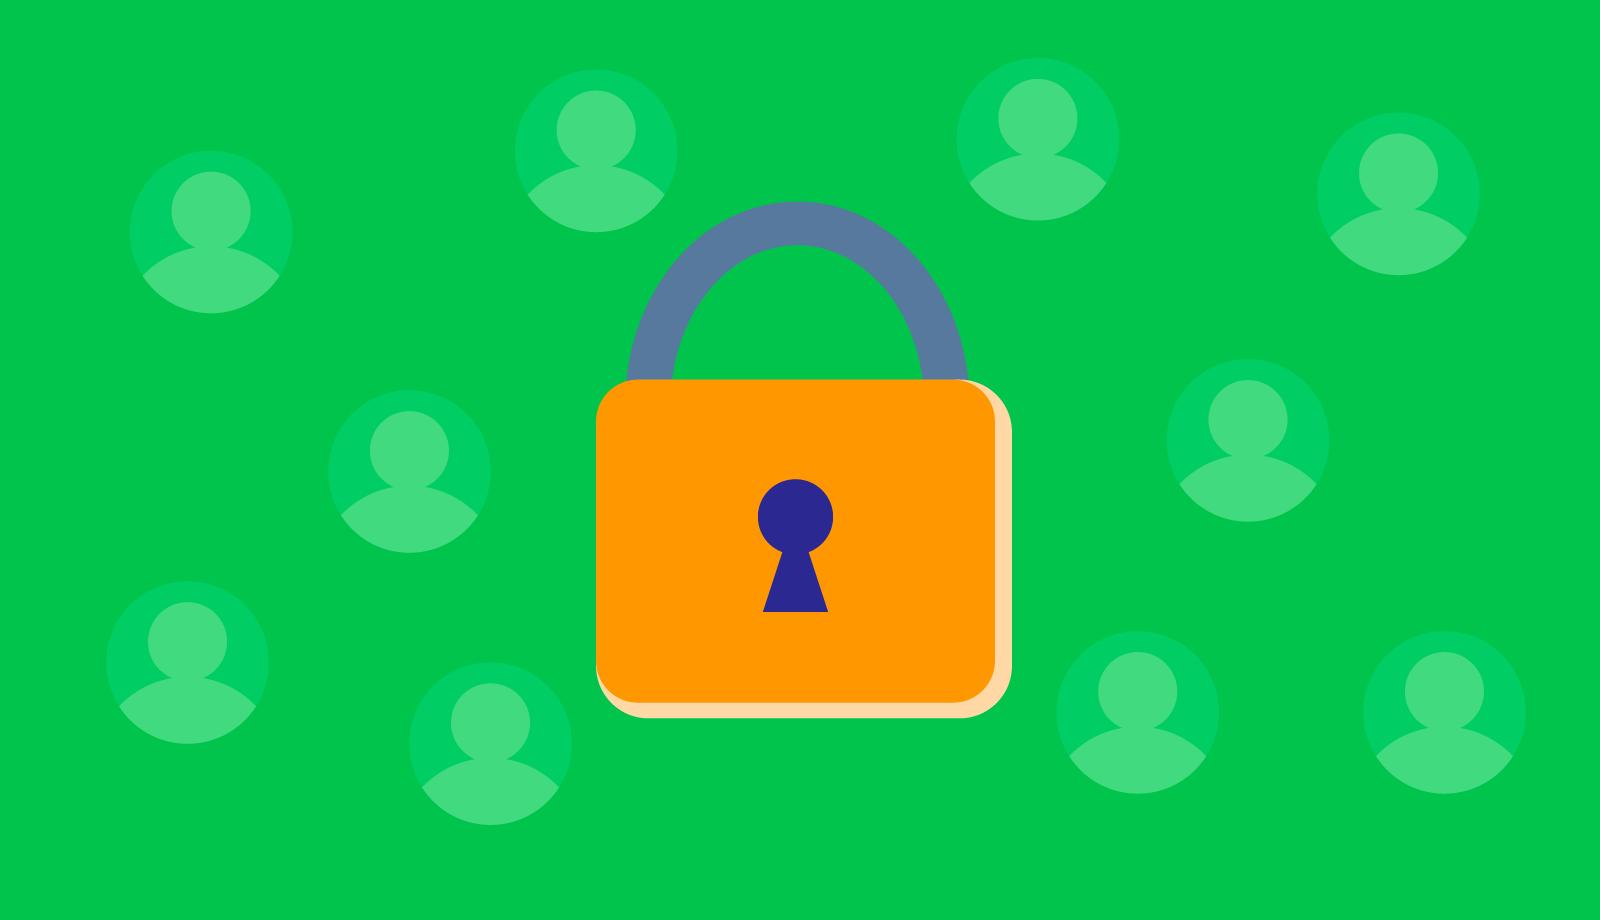 プライバシー、パーソナライズとゼロパーティデータ